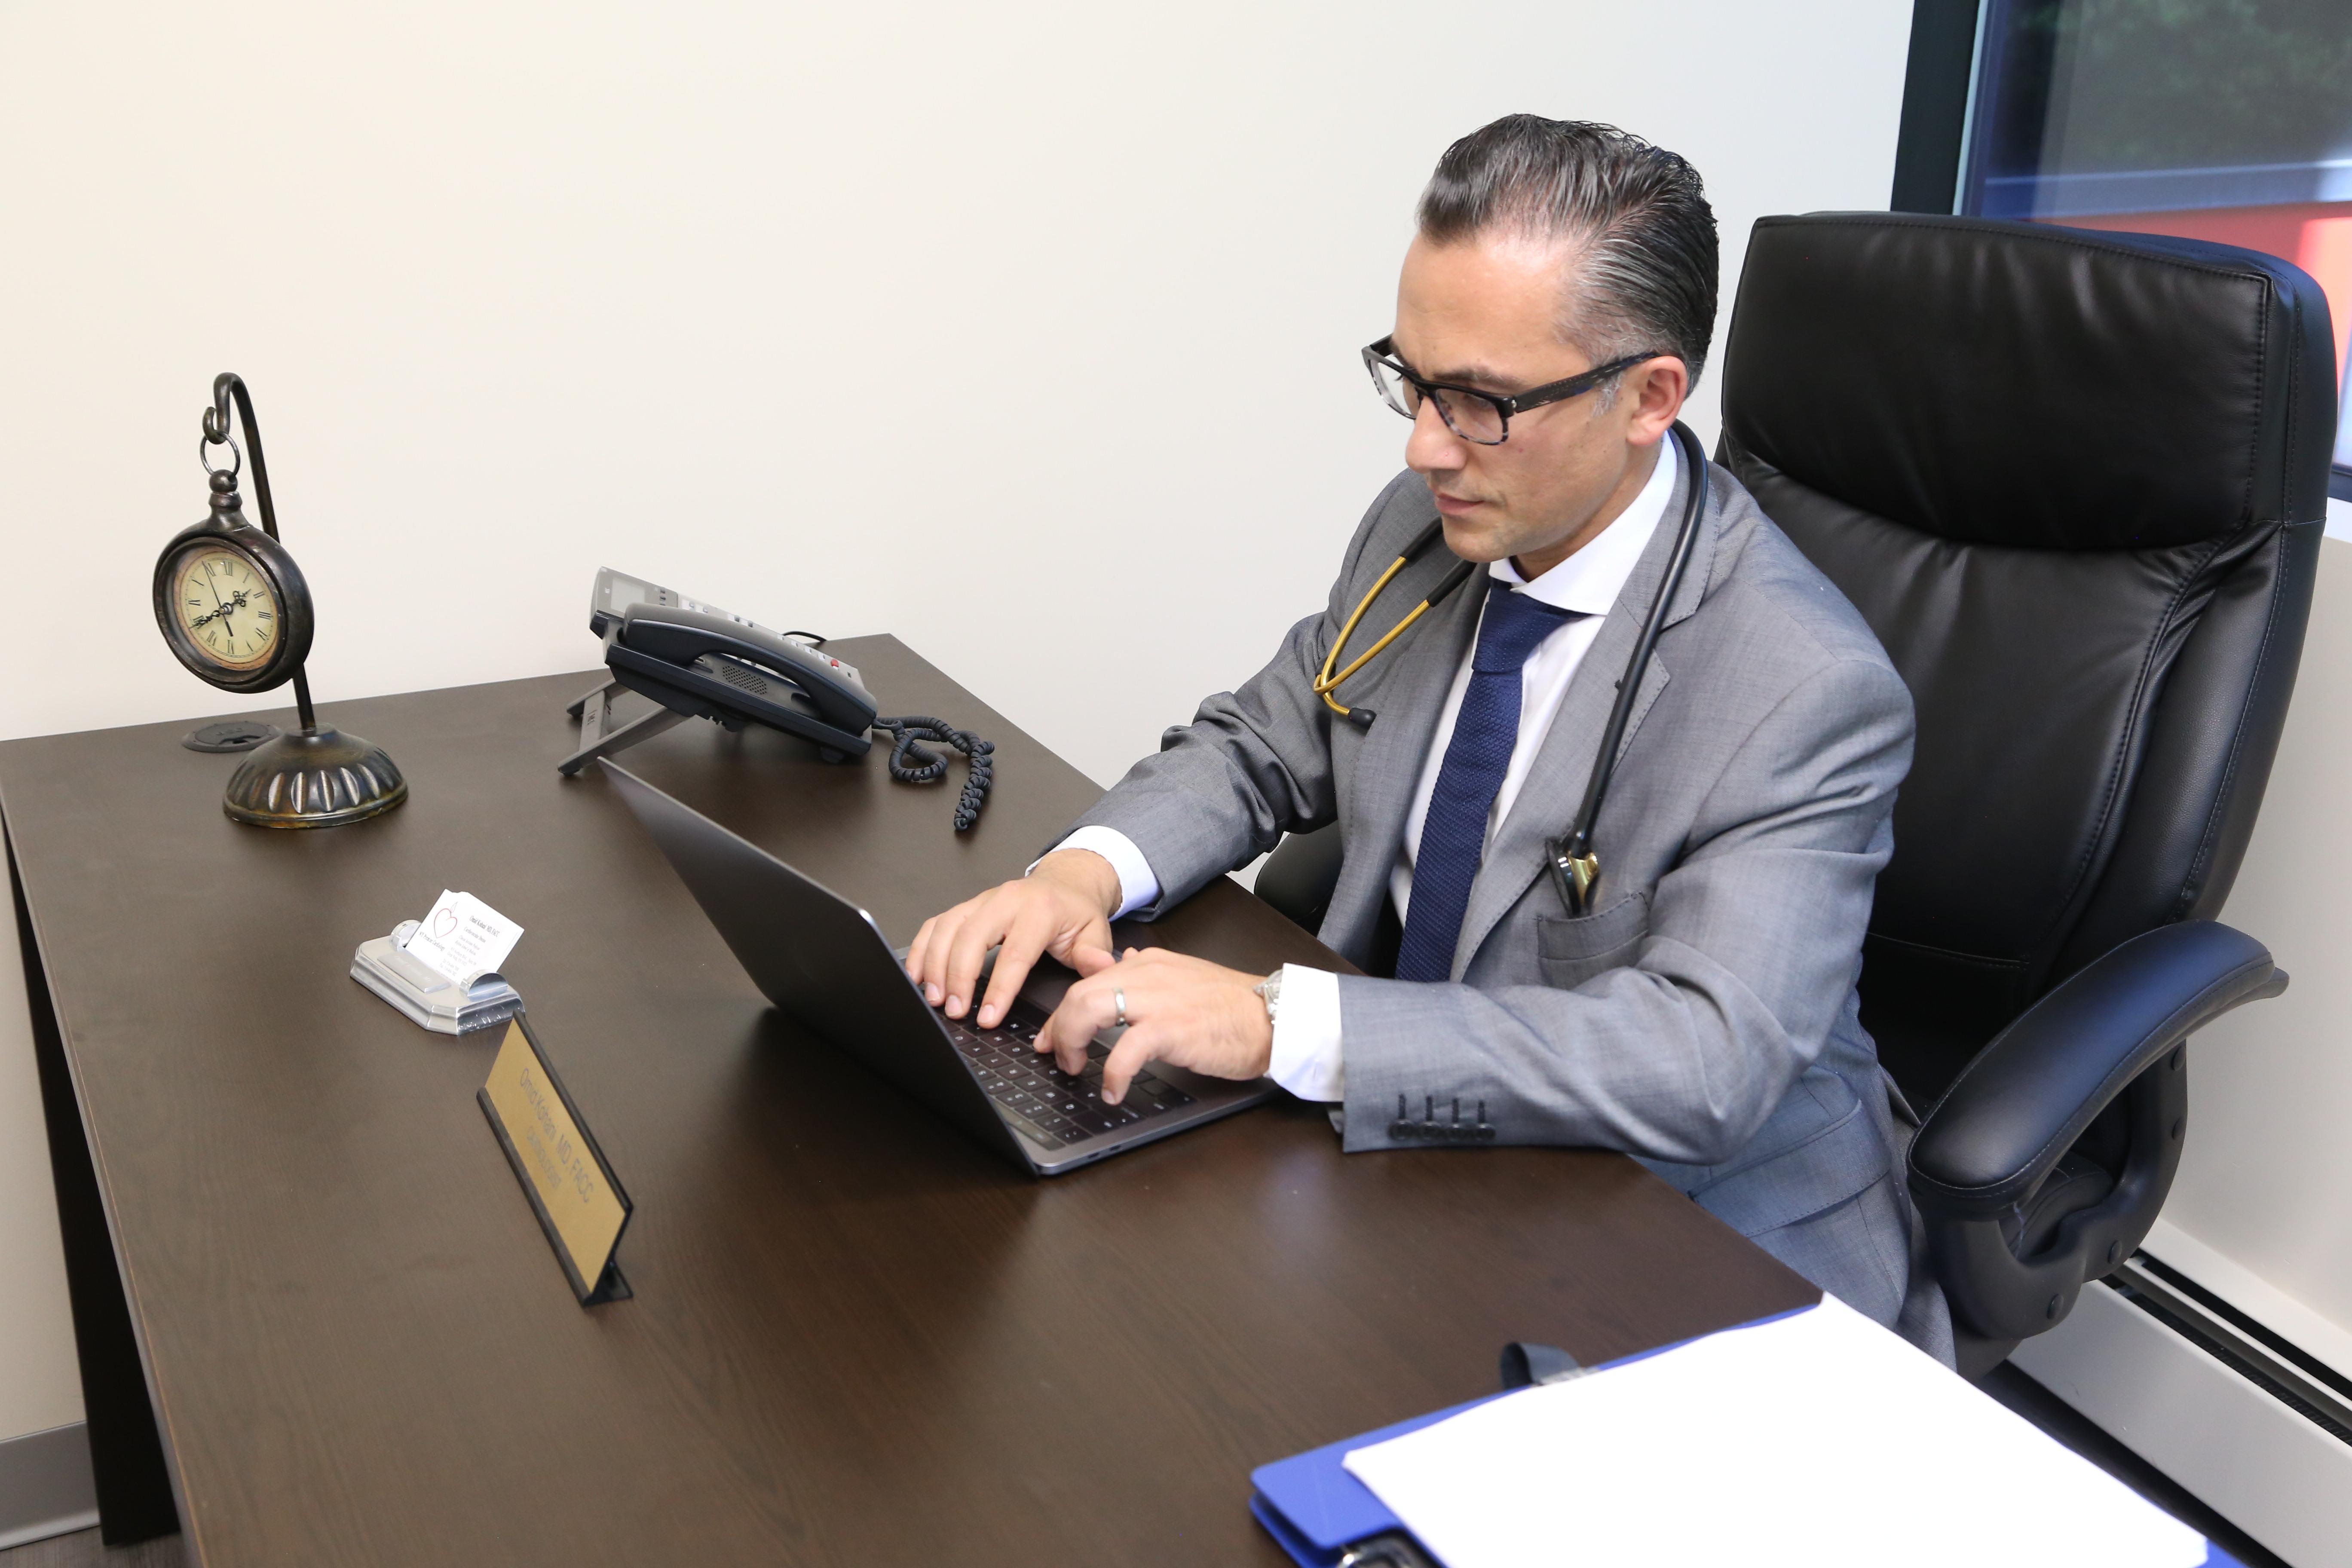 OFFICE PHOTOS